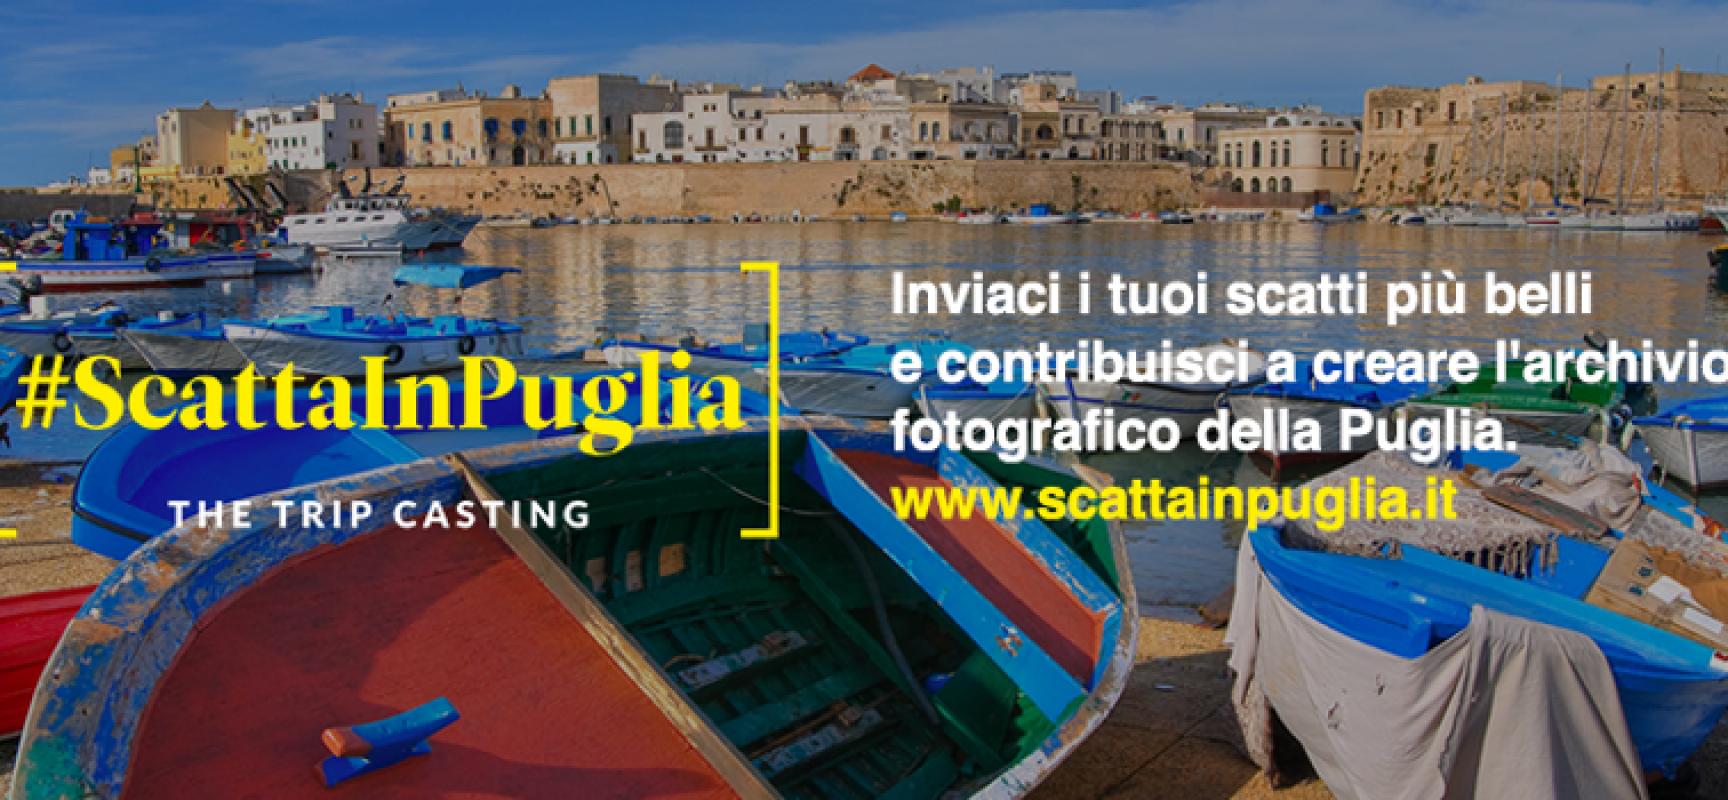 #ScattaInPuglia, il contest per fotografi appassionati della Terra di Puglia / DETTAGLI